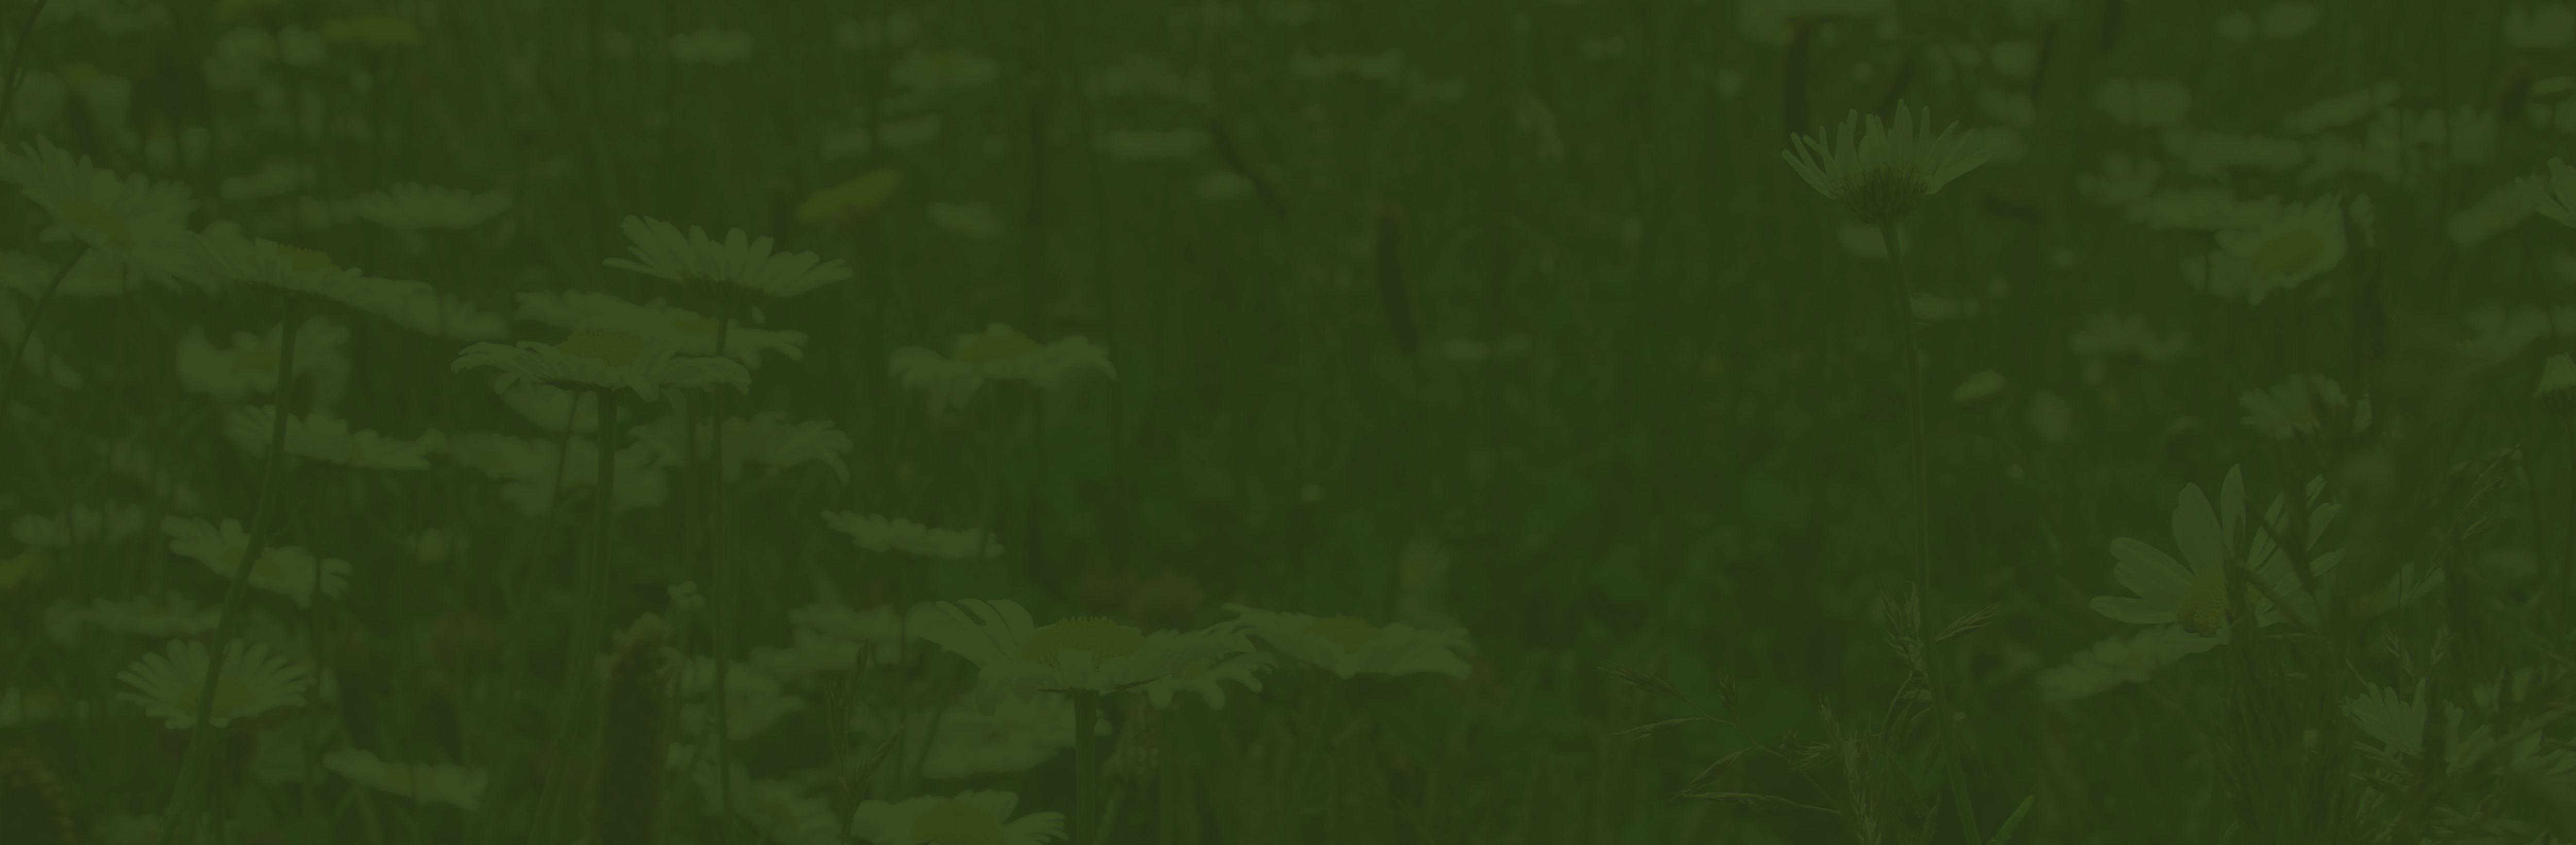 Vegetačné koberce | Skalničky - Tráva - MIX | Strešné substráty